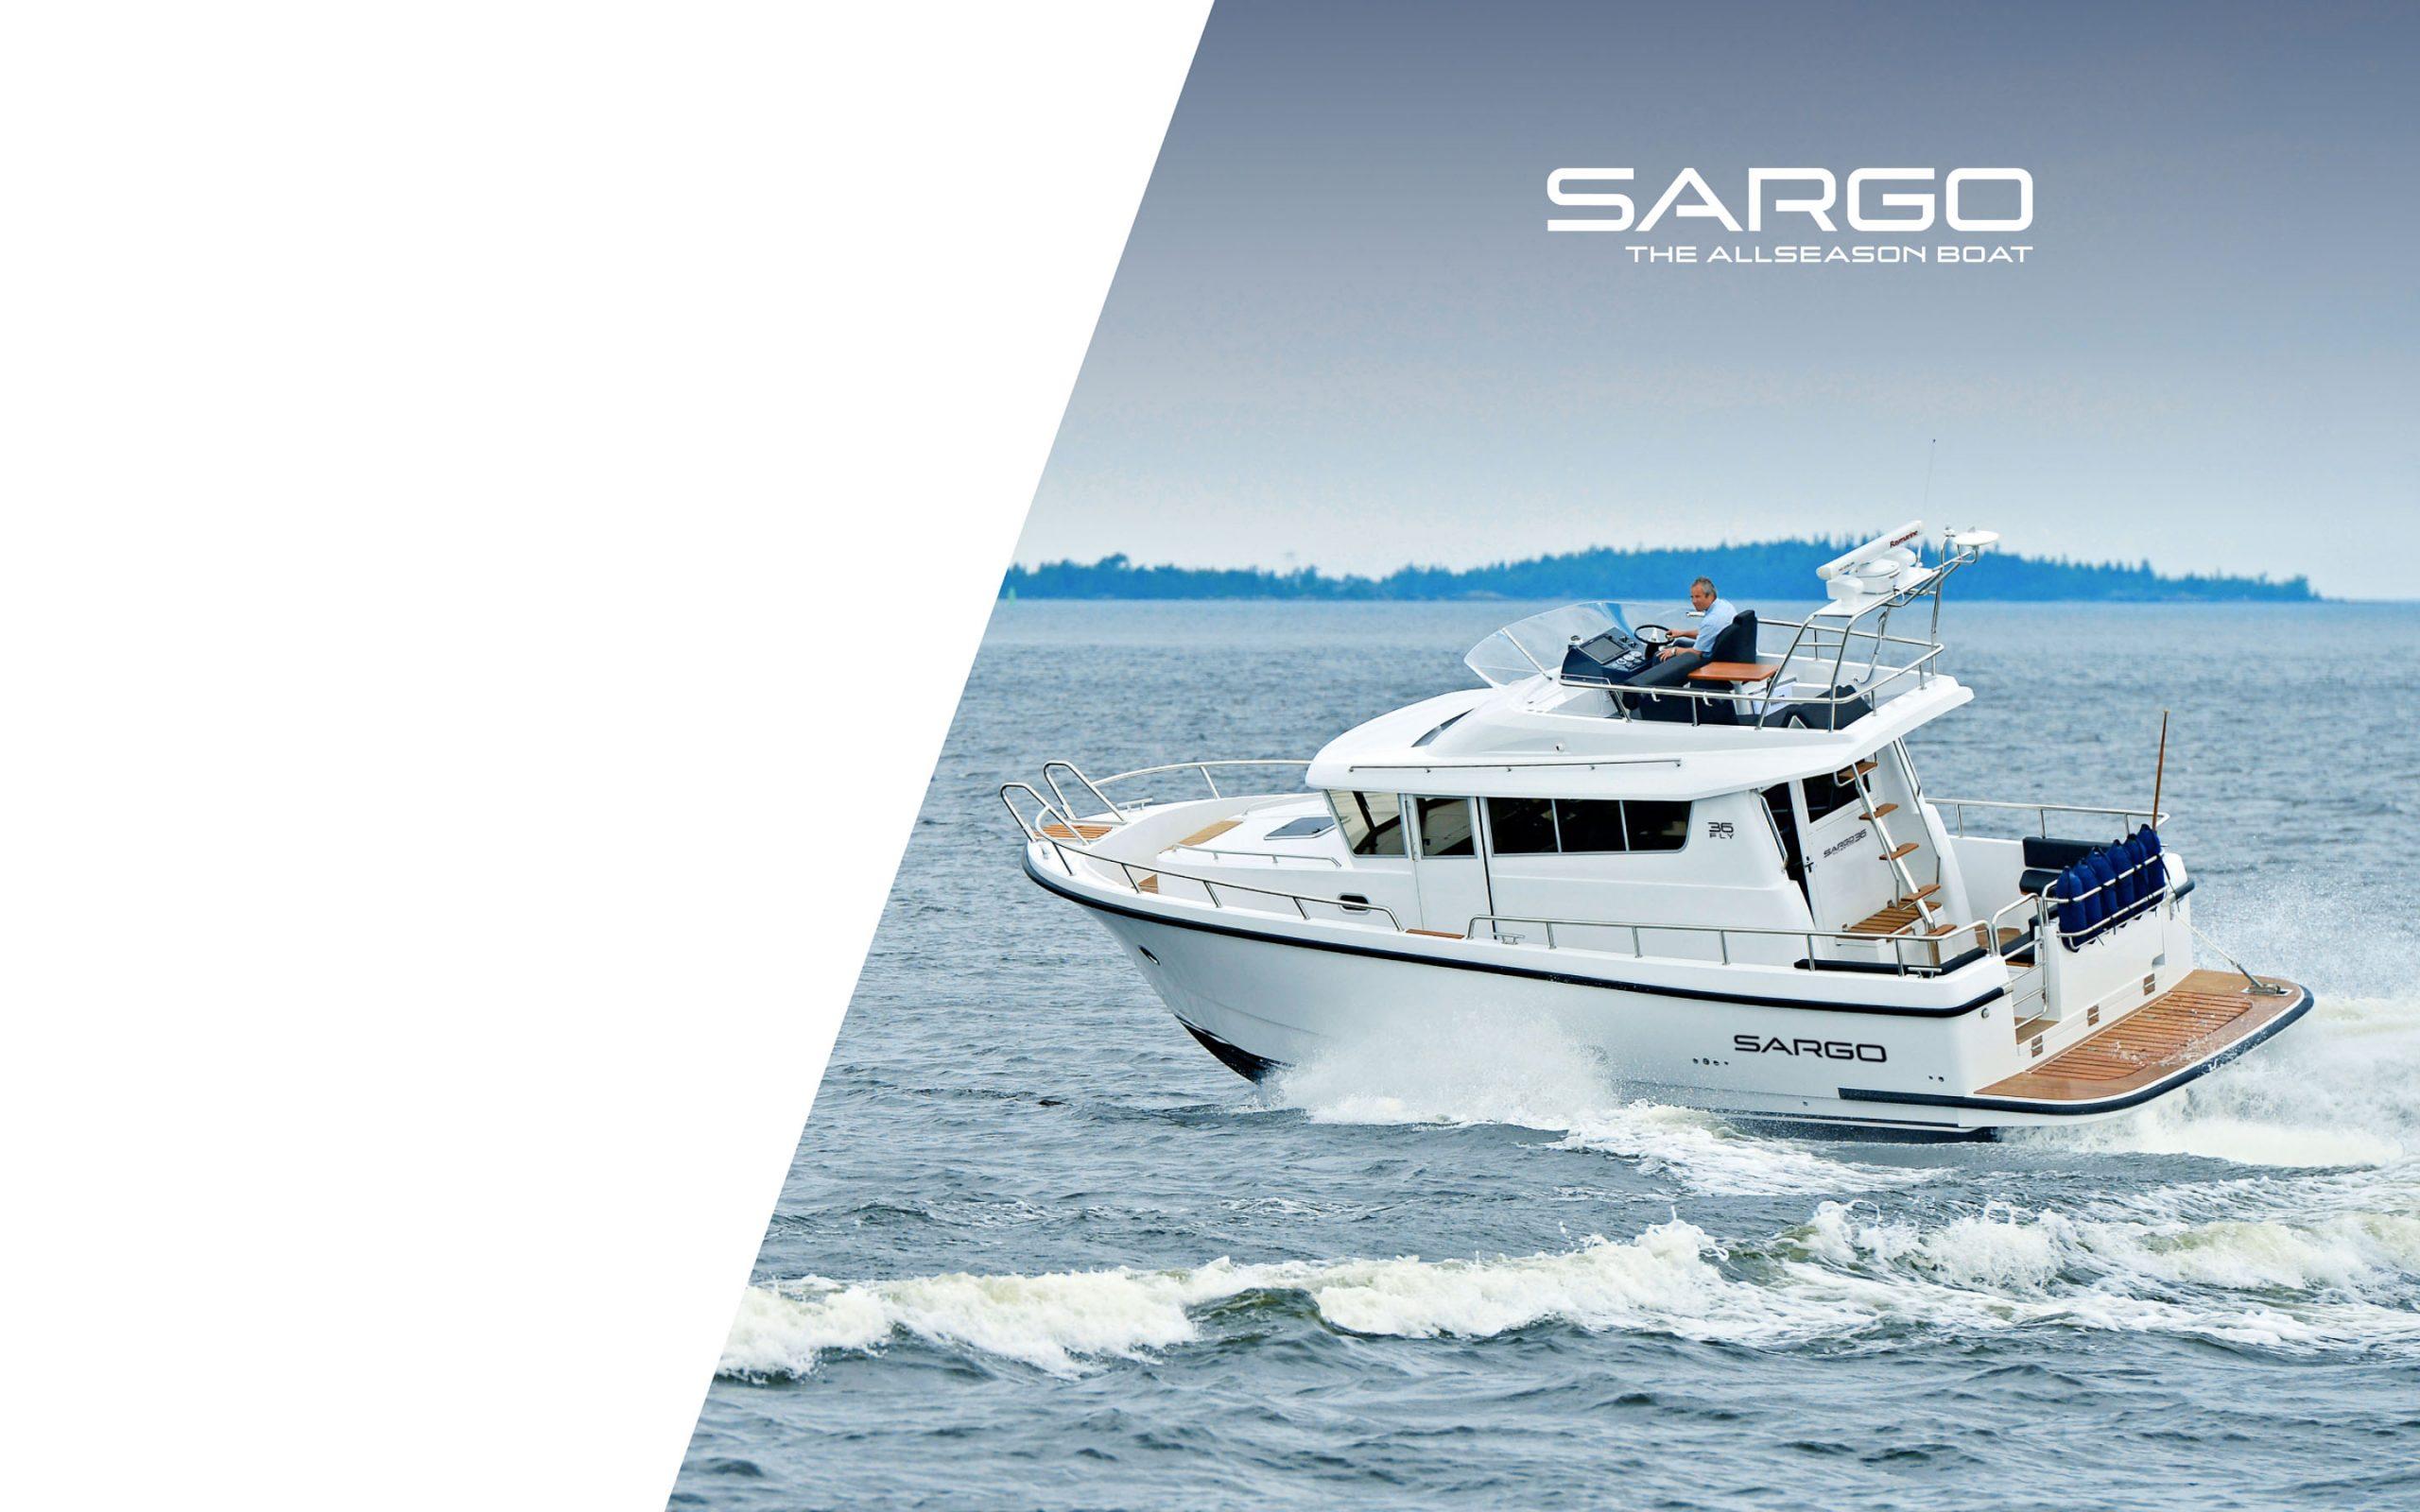 Sargo